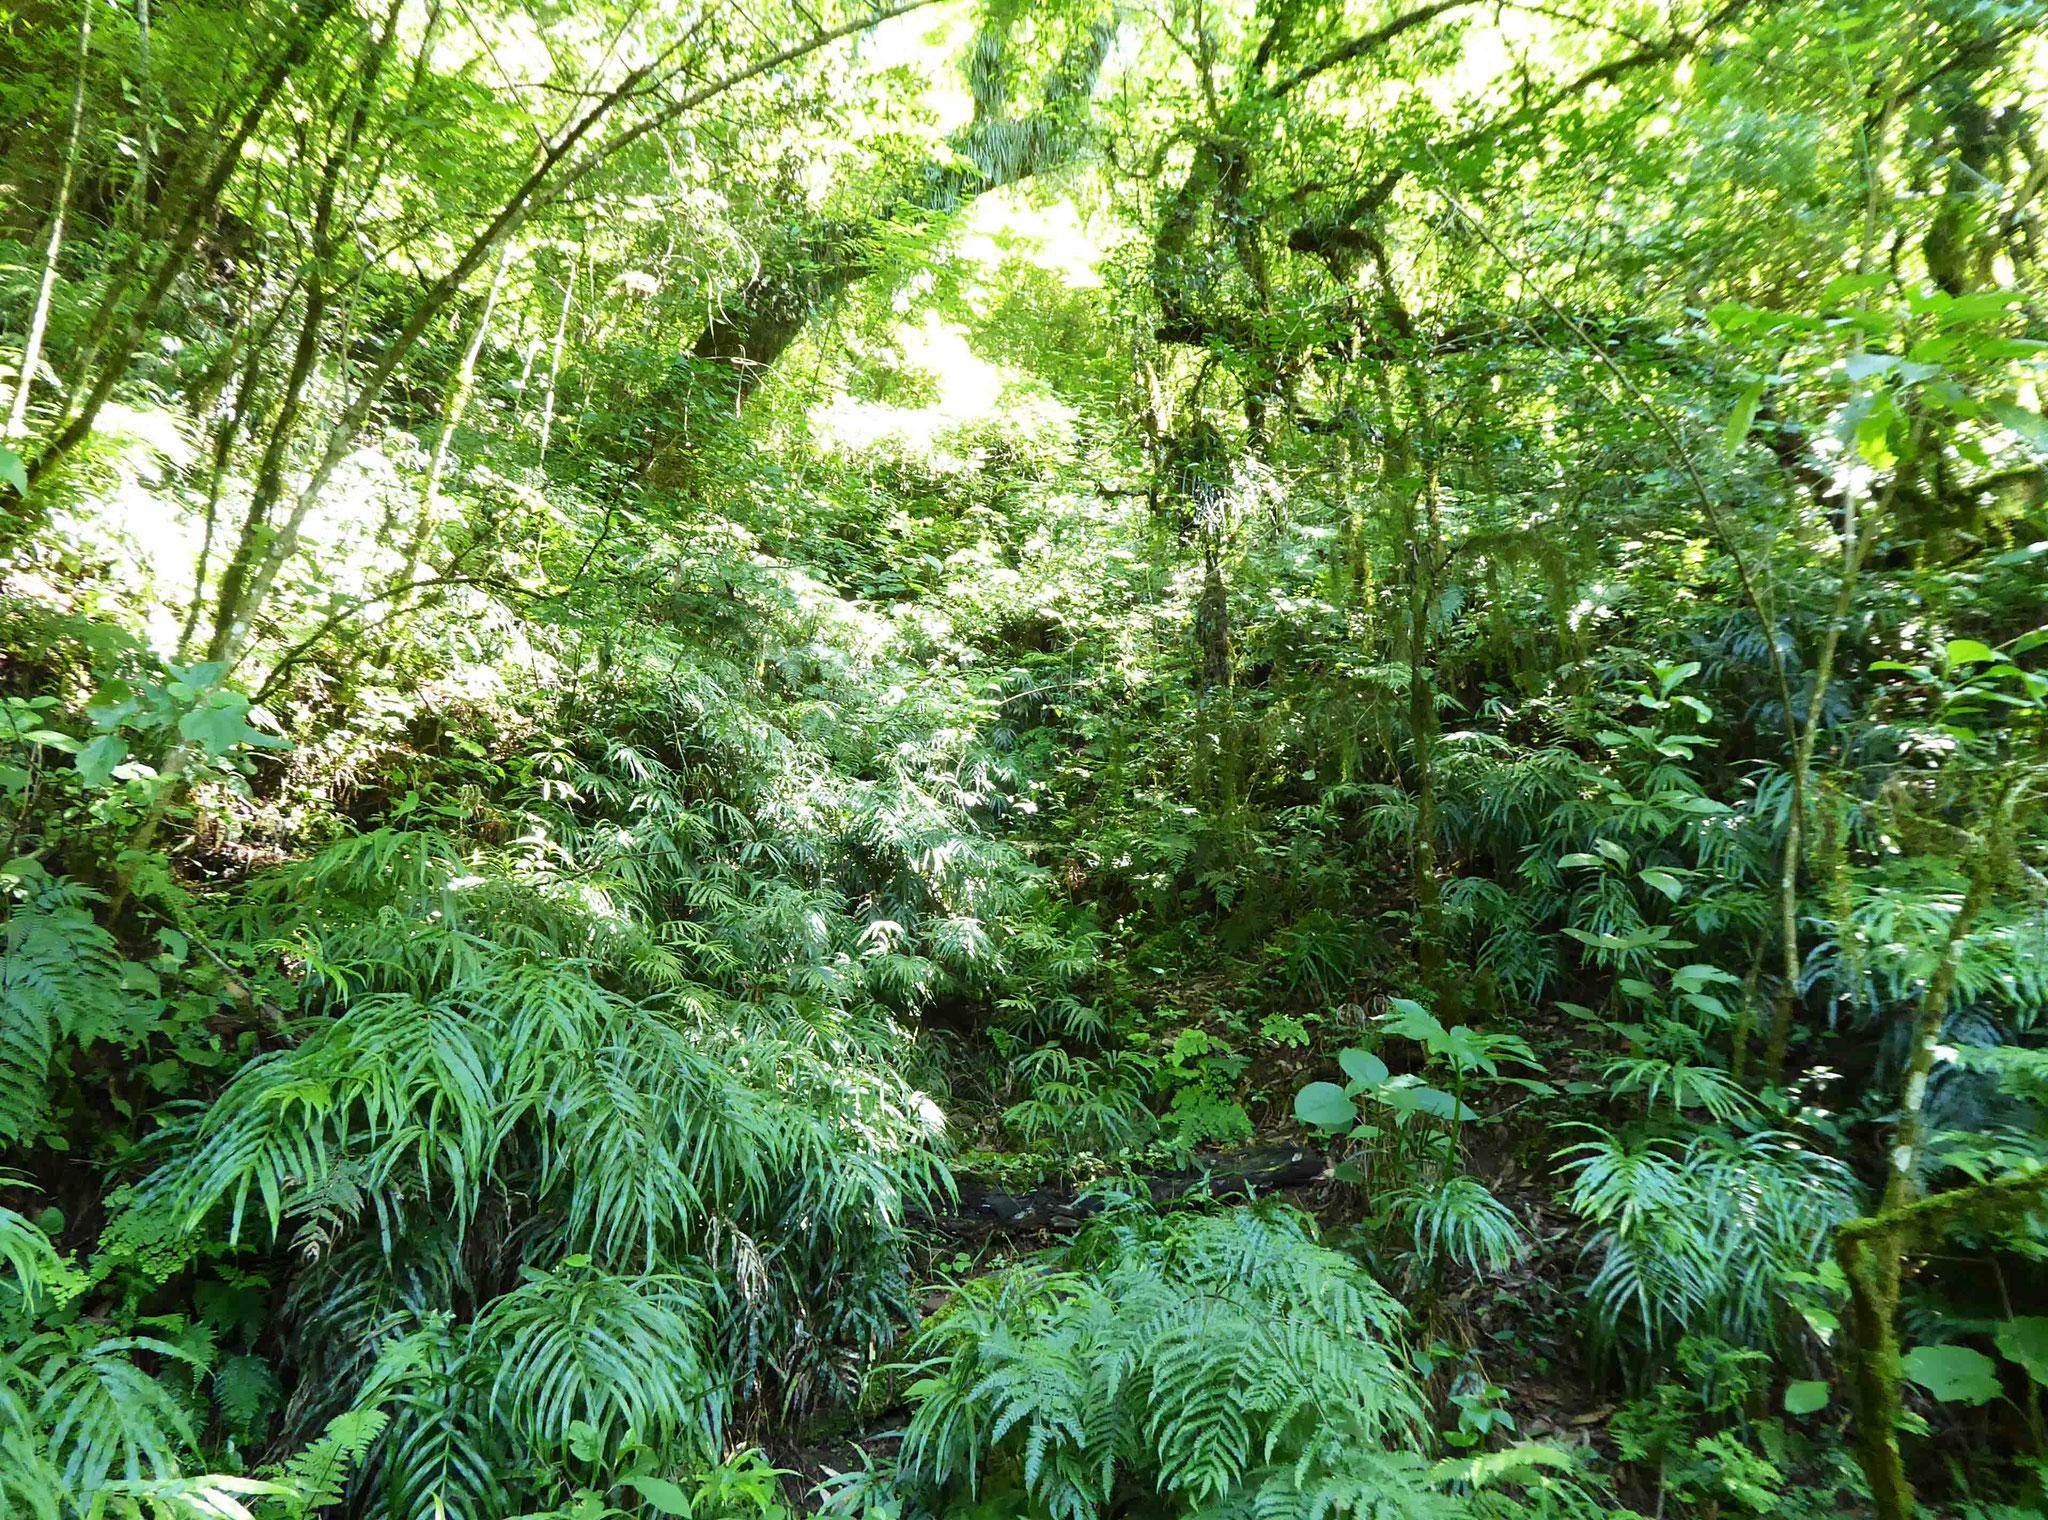 Véritable forêt équatoriale avant d'entreprendre notre ascension vers Abra de la Cruz